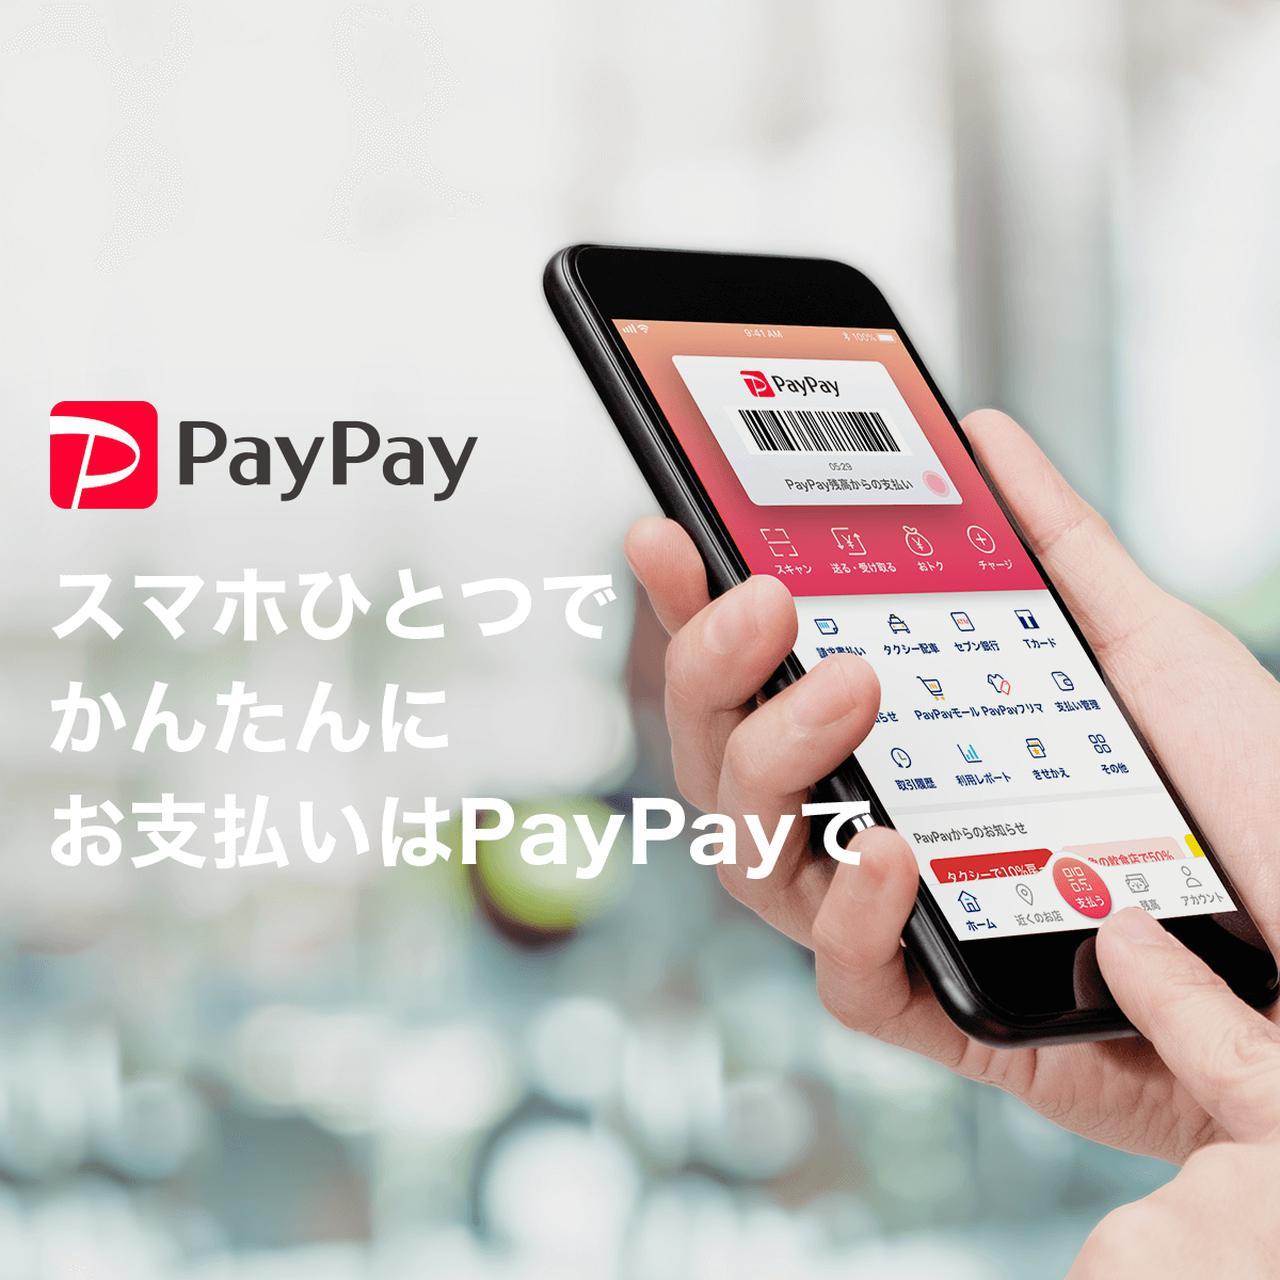 画像: PayPay - QRコード・バーコードで支払うスマホ決済アプリ